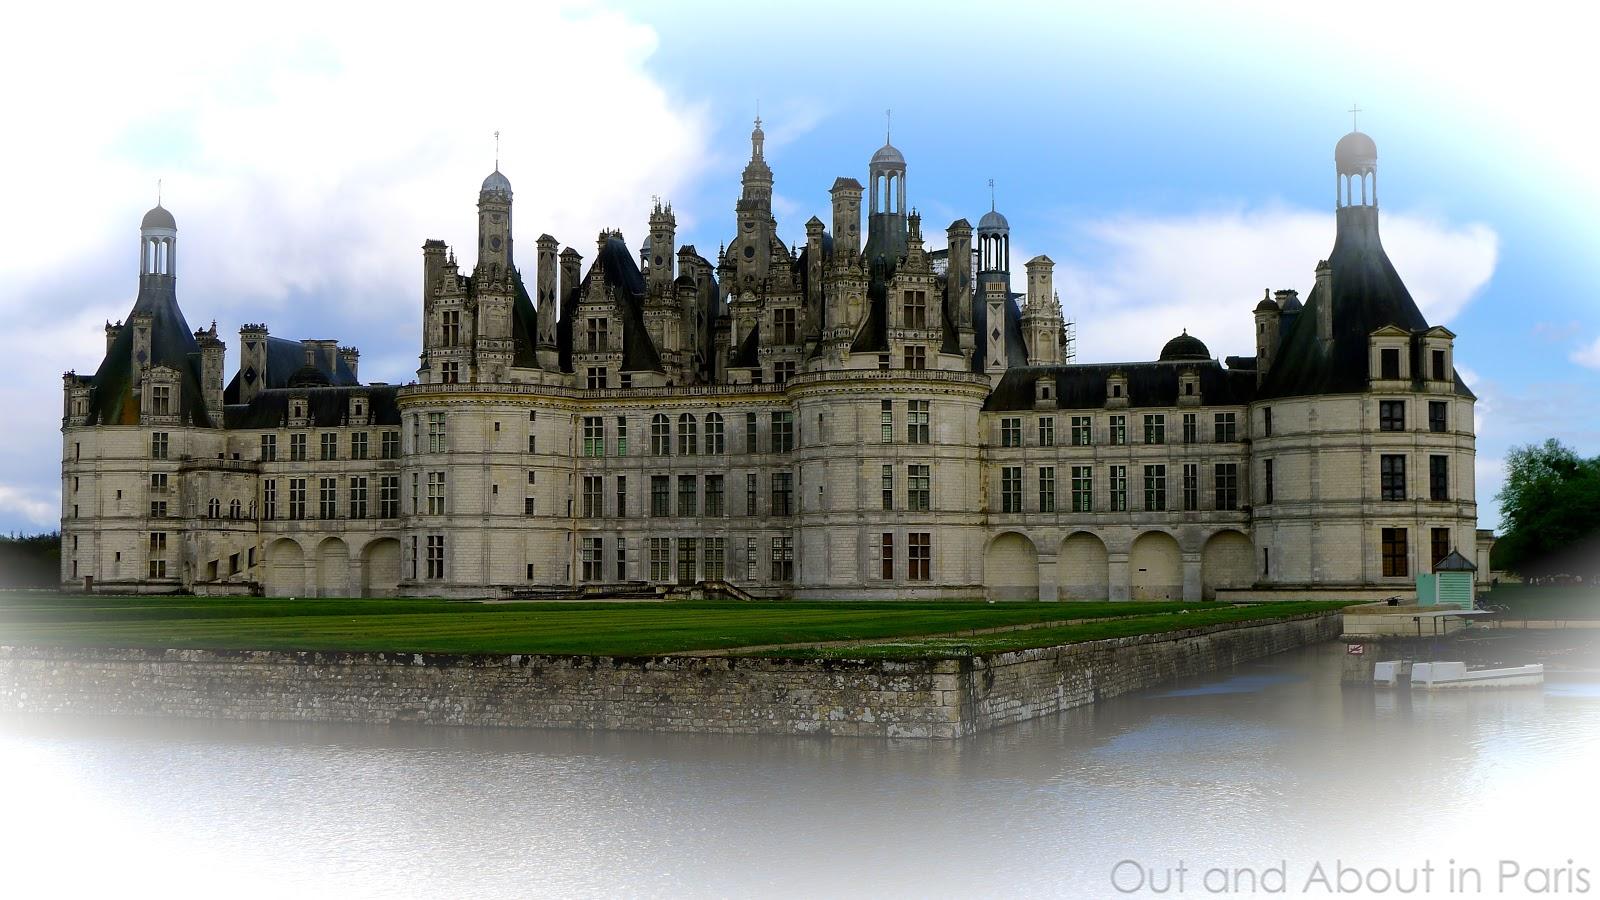 Favoris Château de Chambord - the largest castle in the Loire Valley RZ71